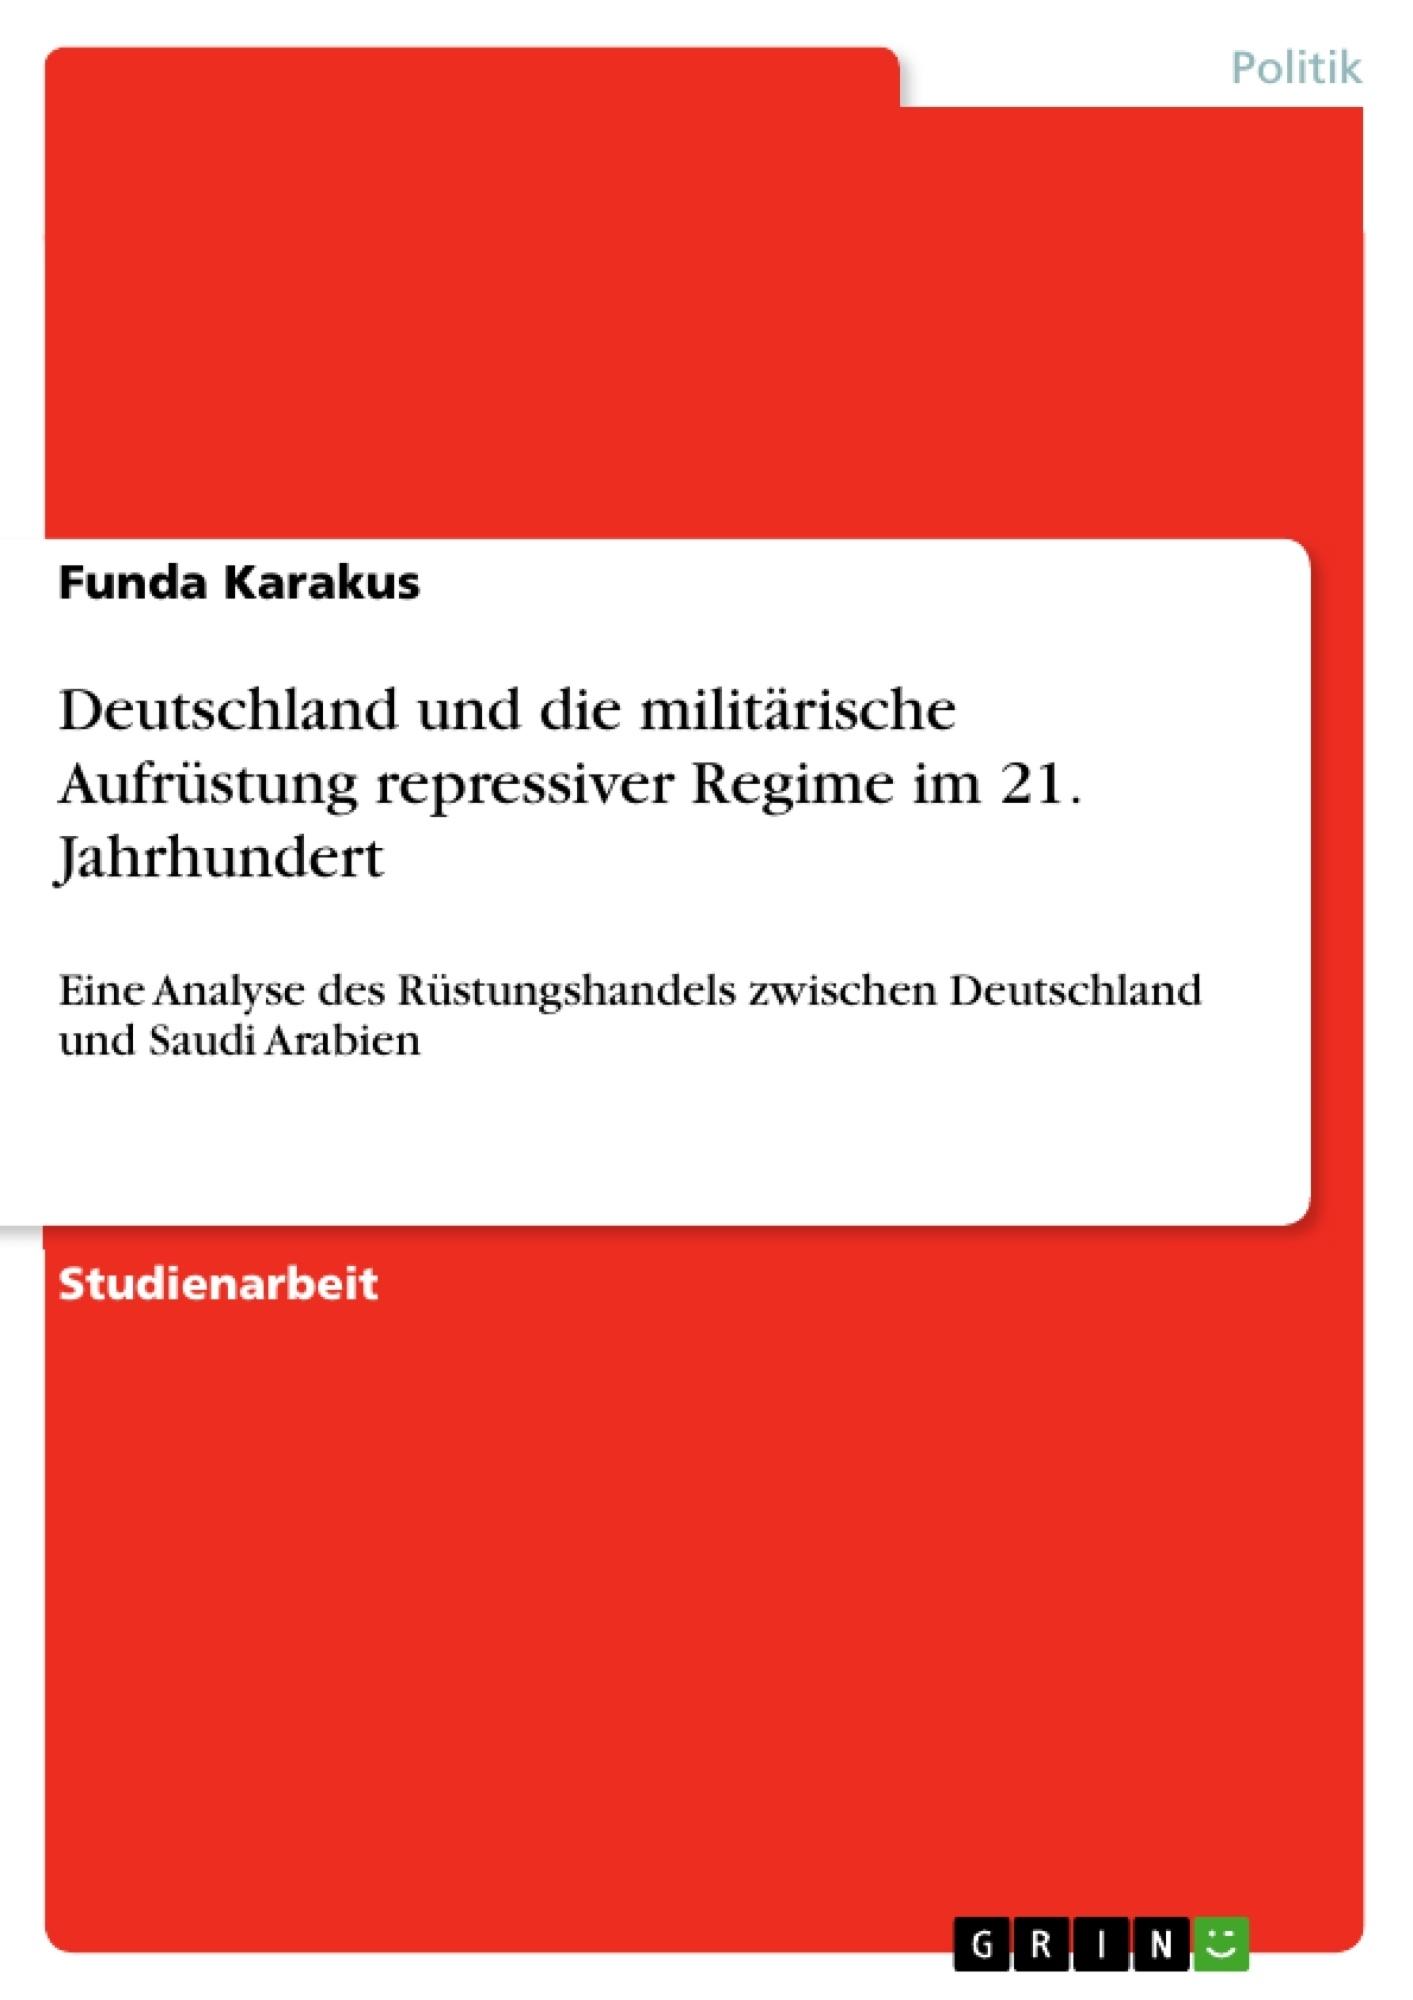 Titel: Deutschland und die militärische Aufrüstung repressiver Regime im 21. Jahrhundert